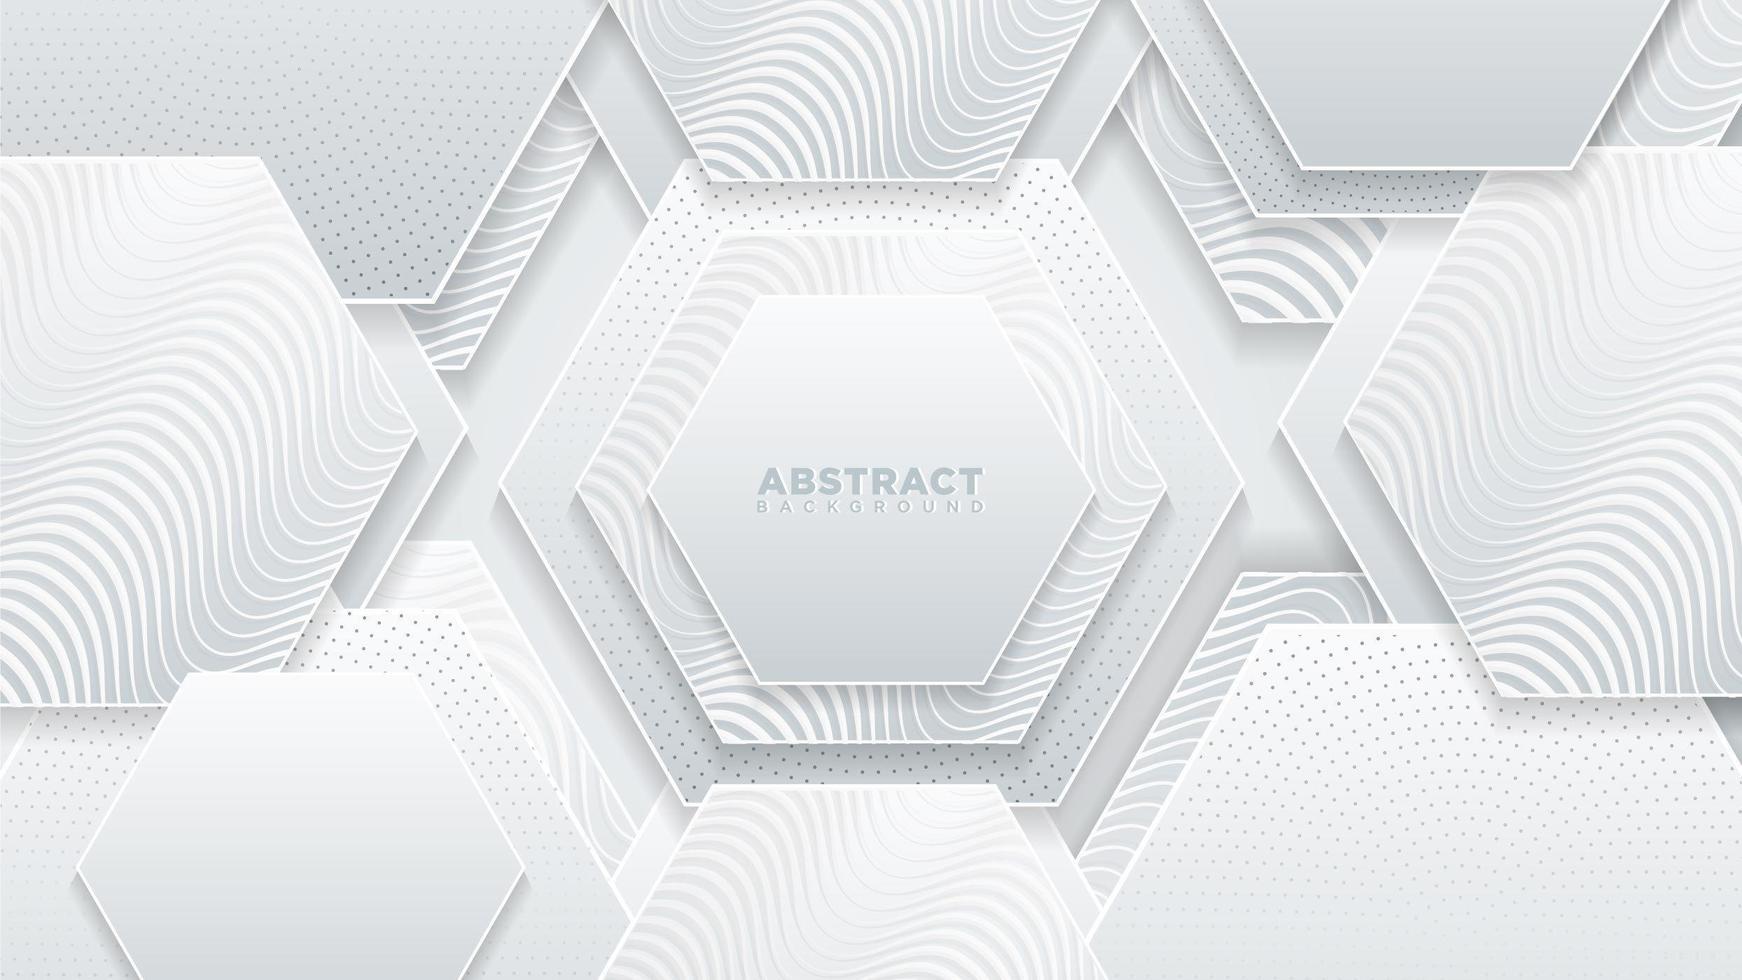 vita sexhörningar strukturerade med vågiga mönster vektor